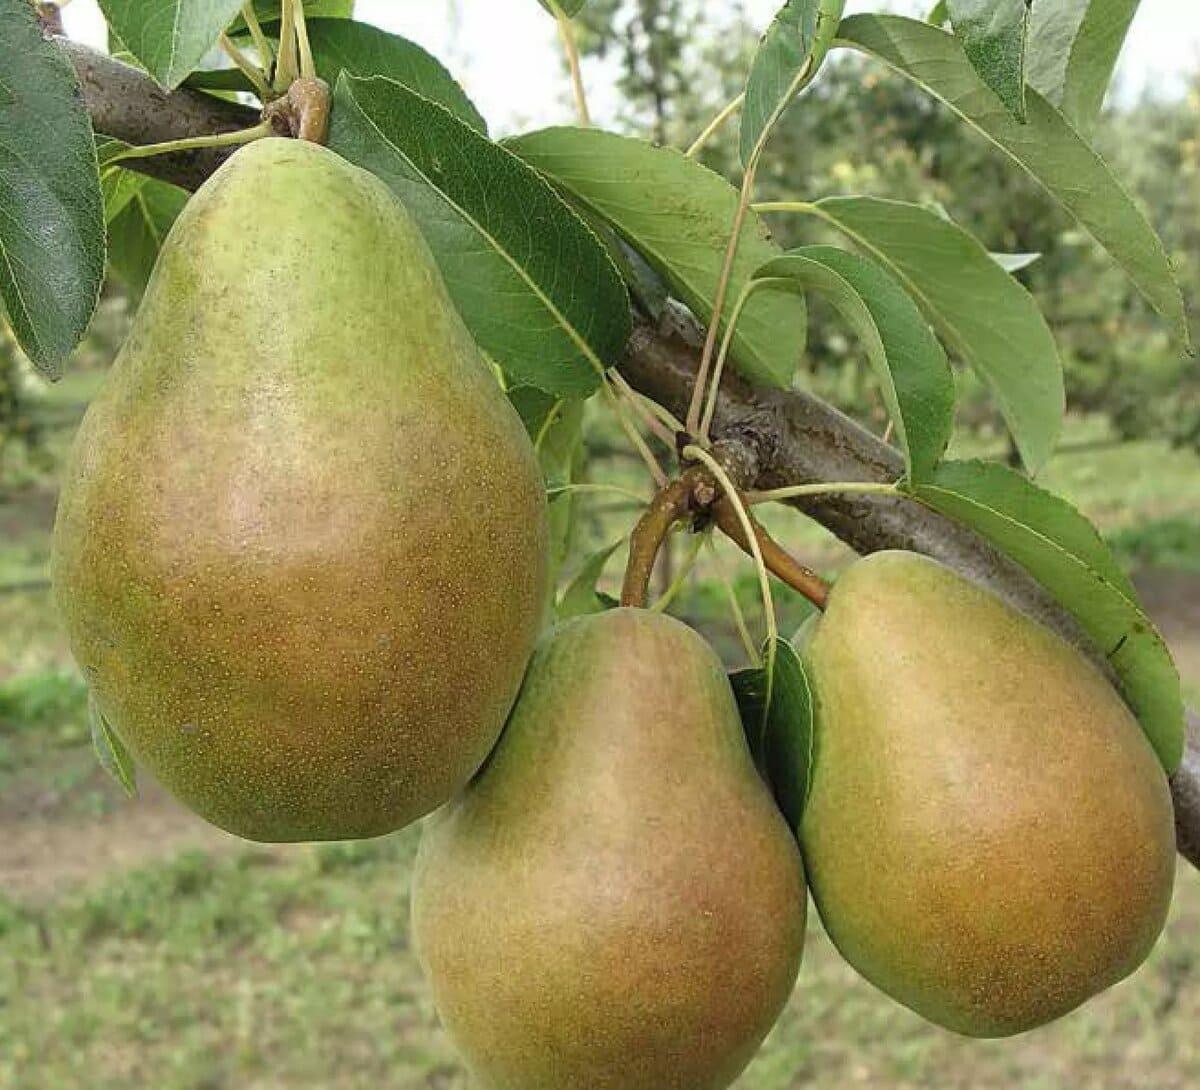 Лучшие опылители для груши просто мария - дневник садовода semena-zdes.ru